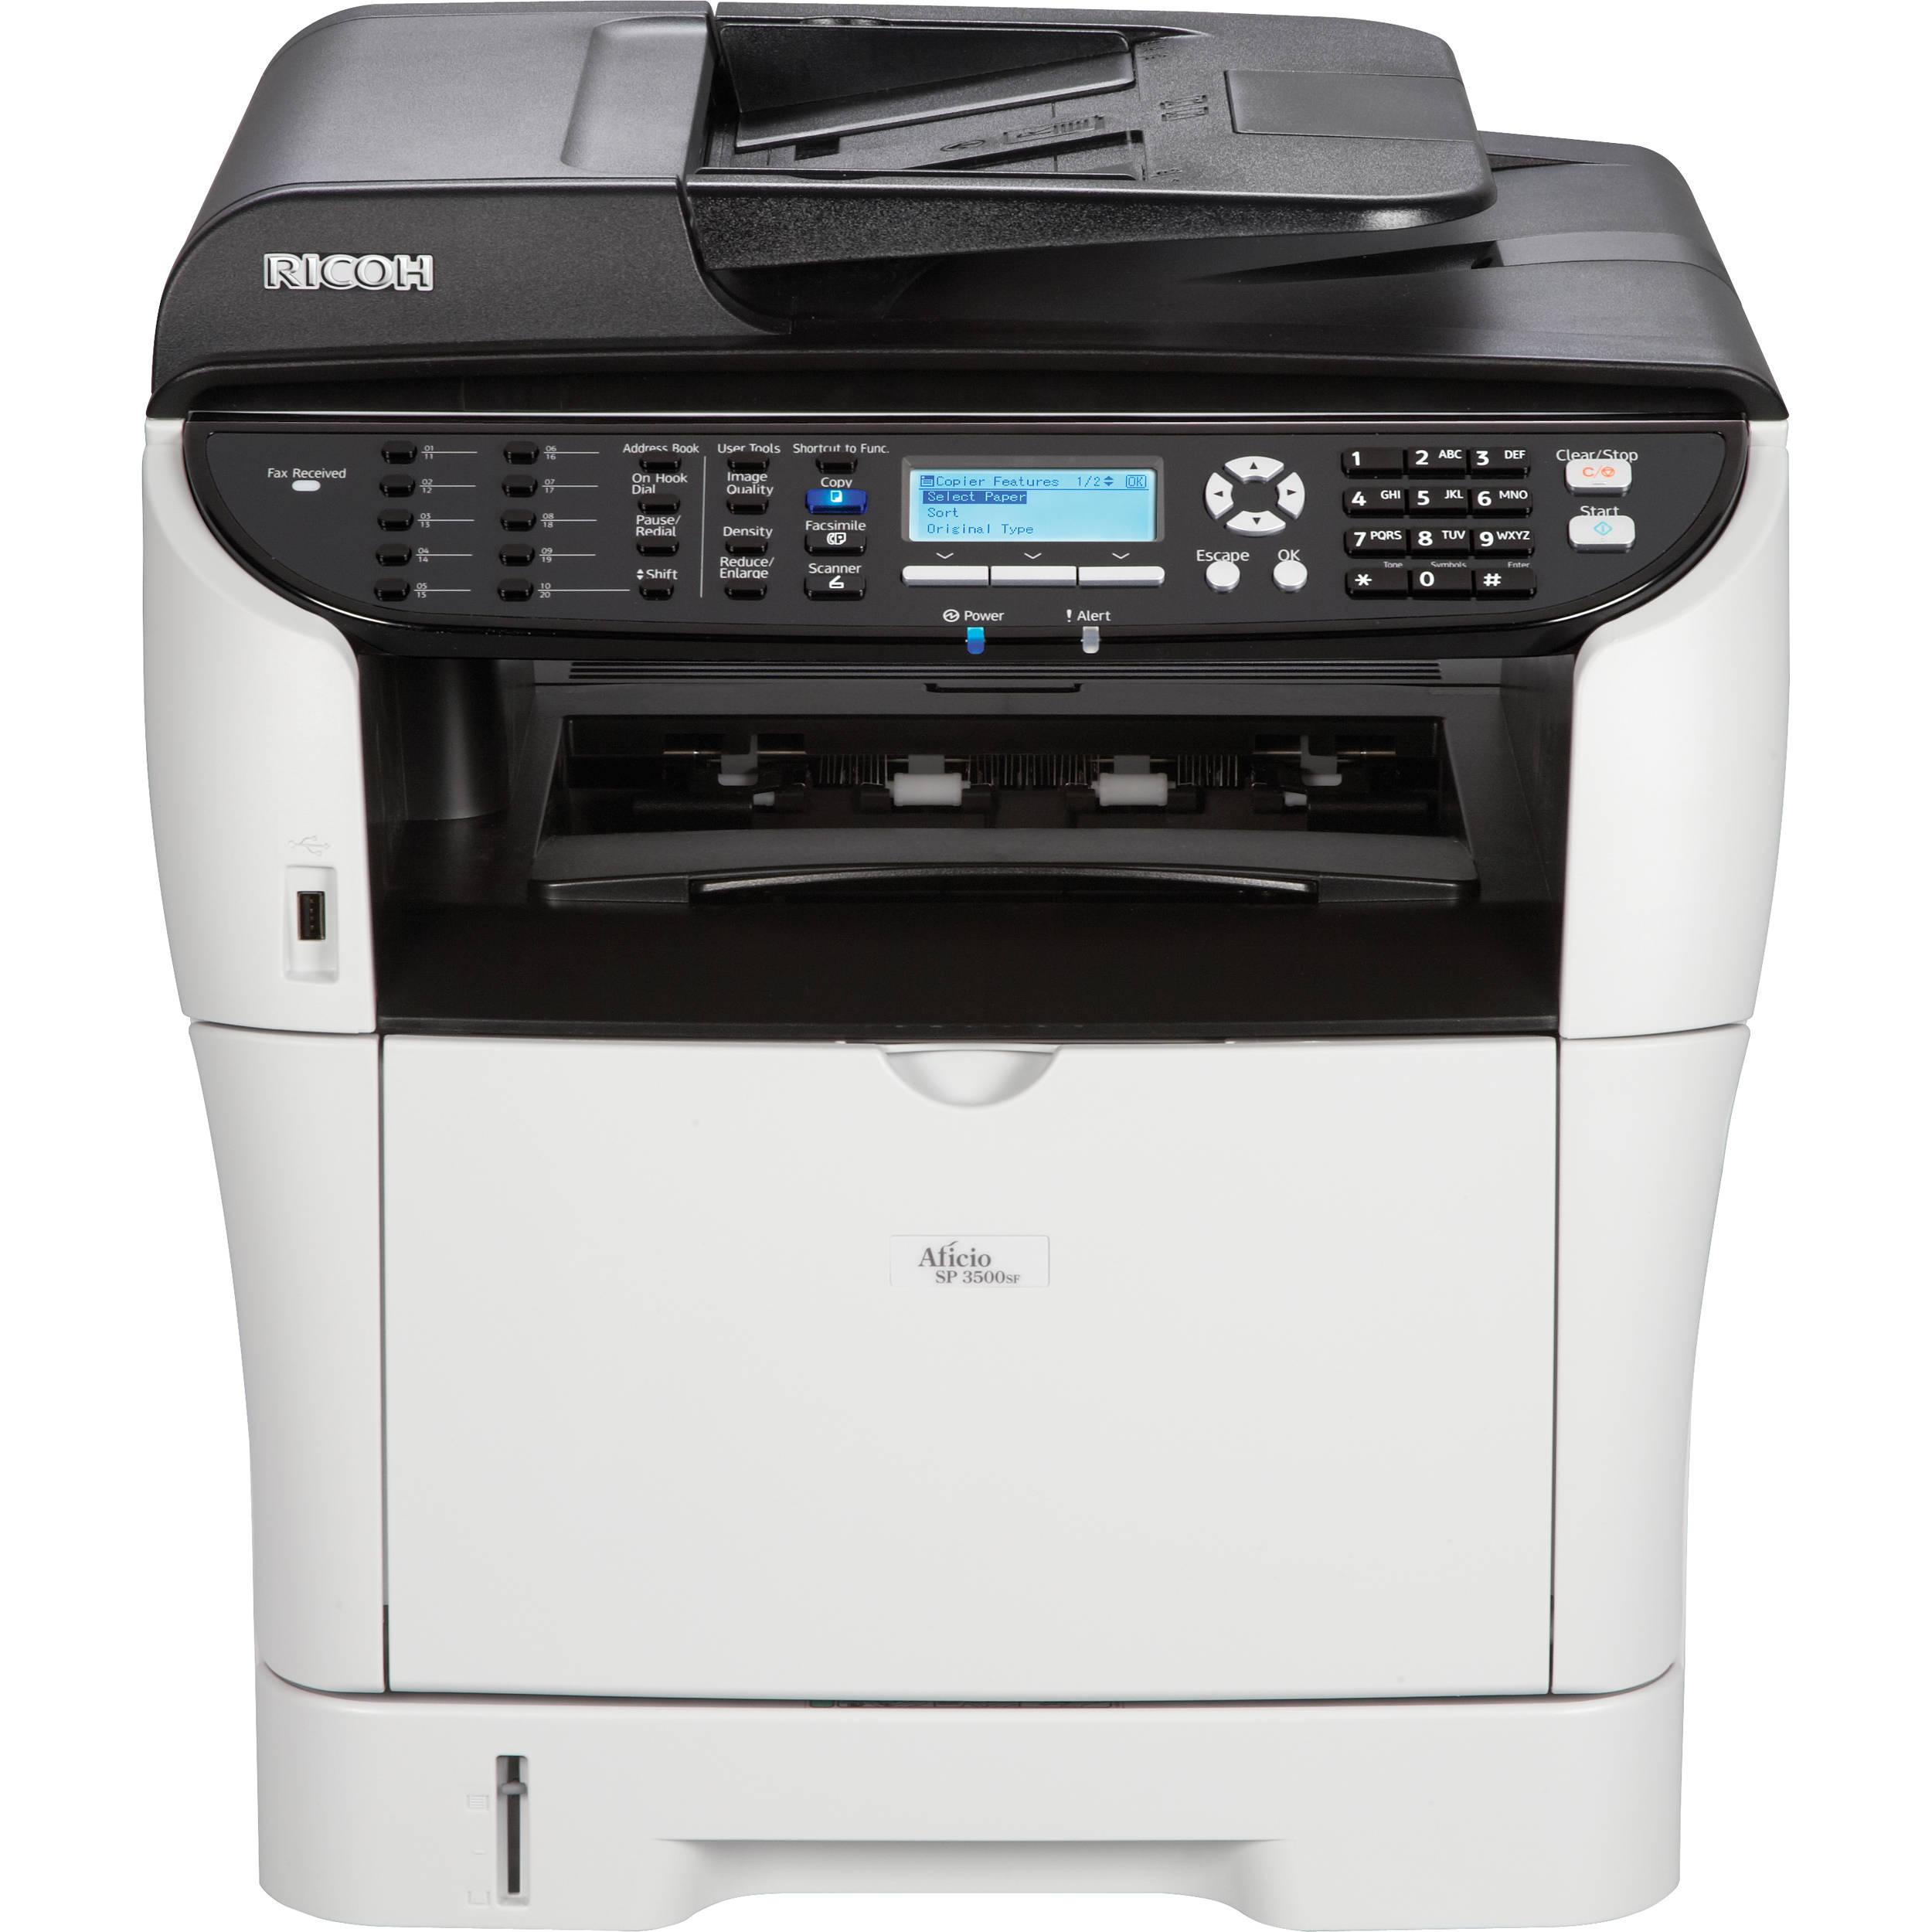 Ricoh Aficio SP 3500SF Network Monochrome All-in-One Laser Printer